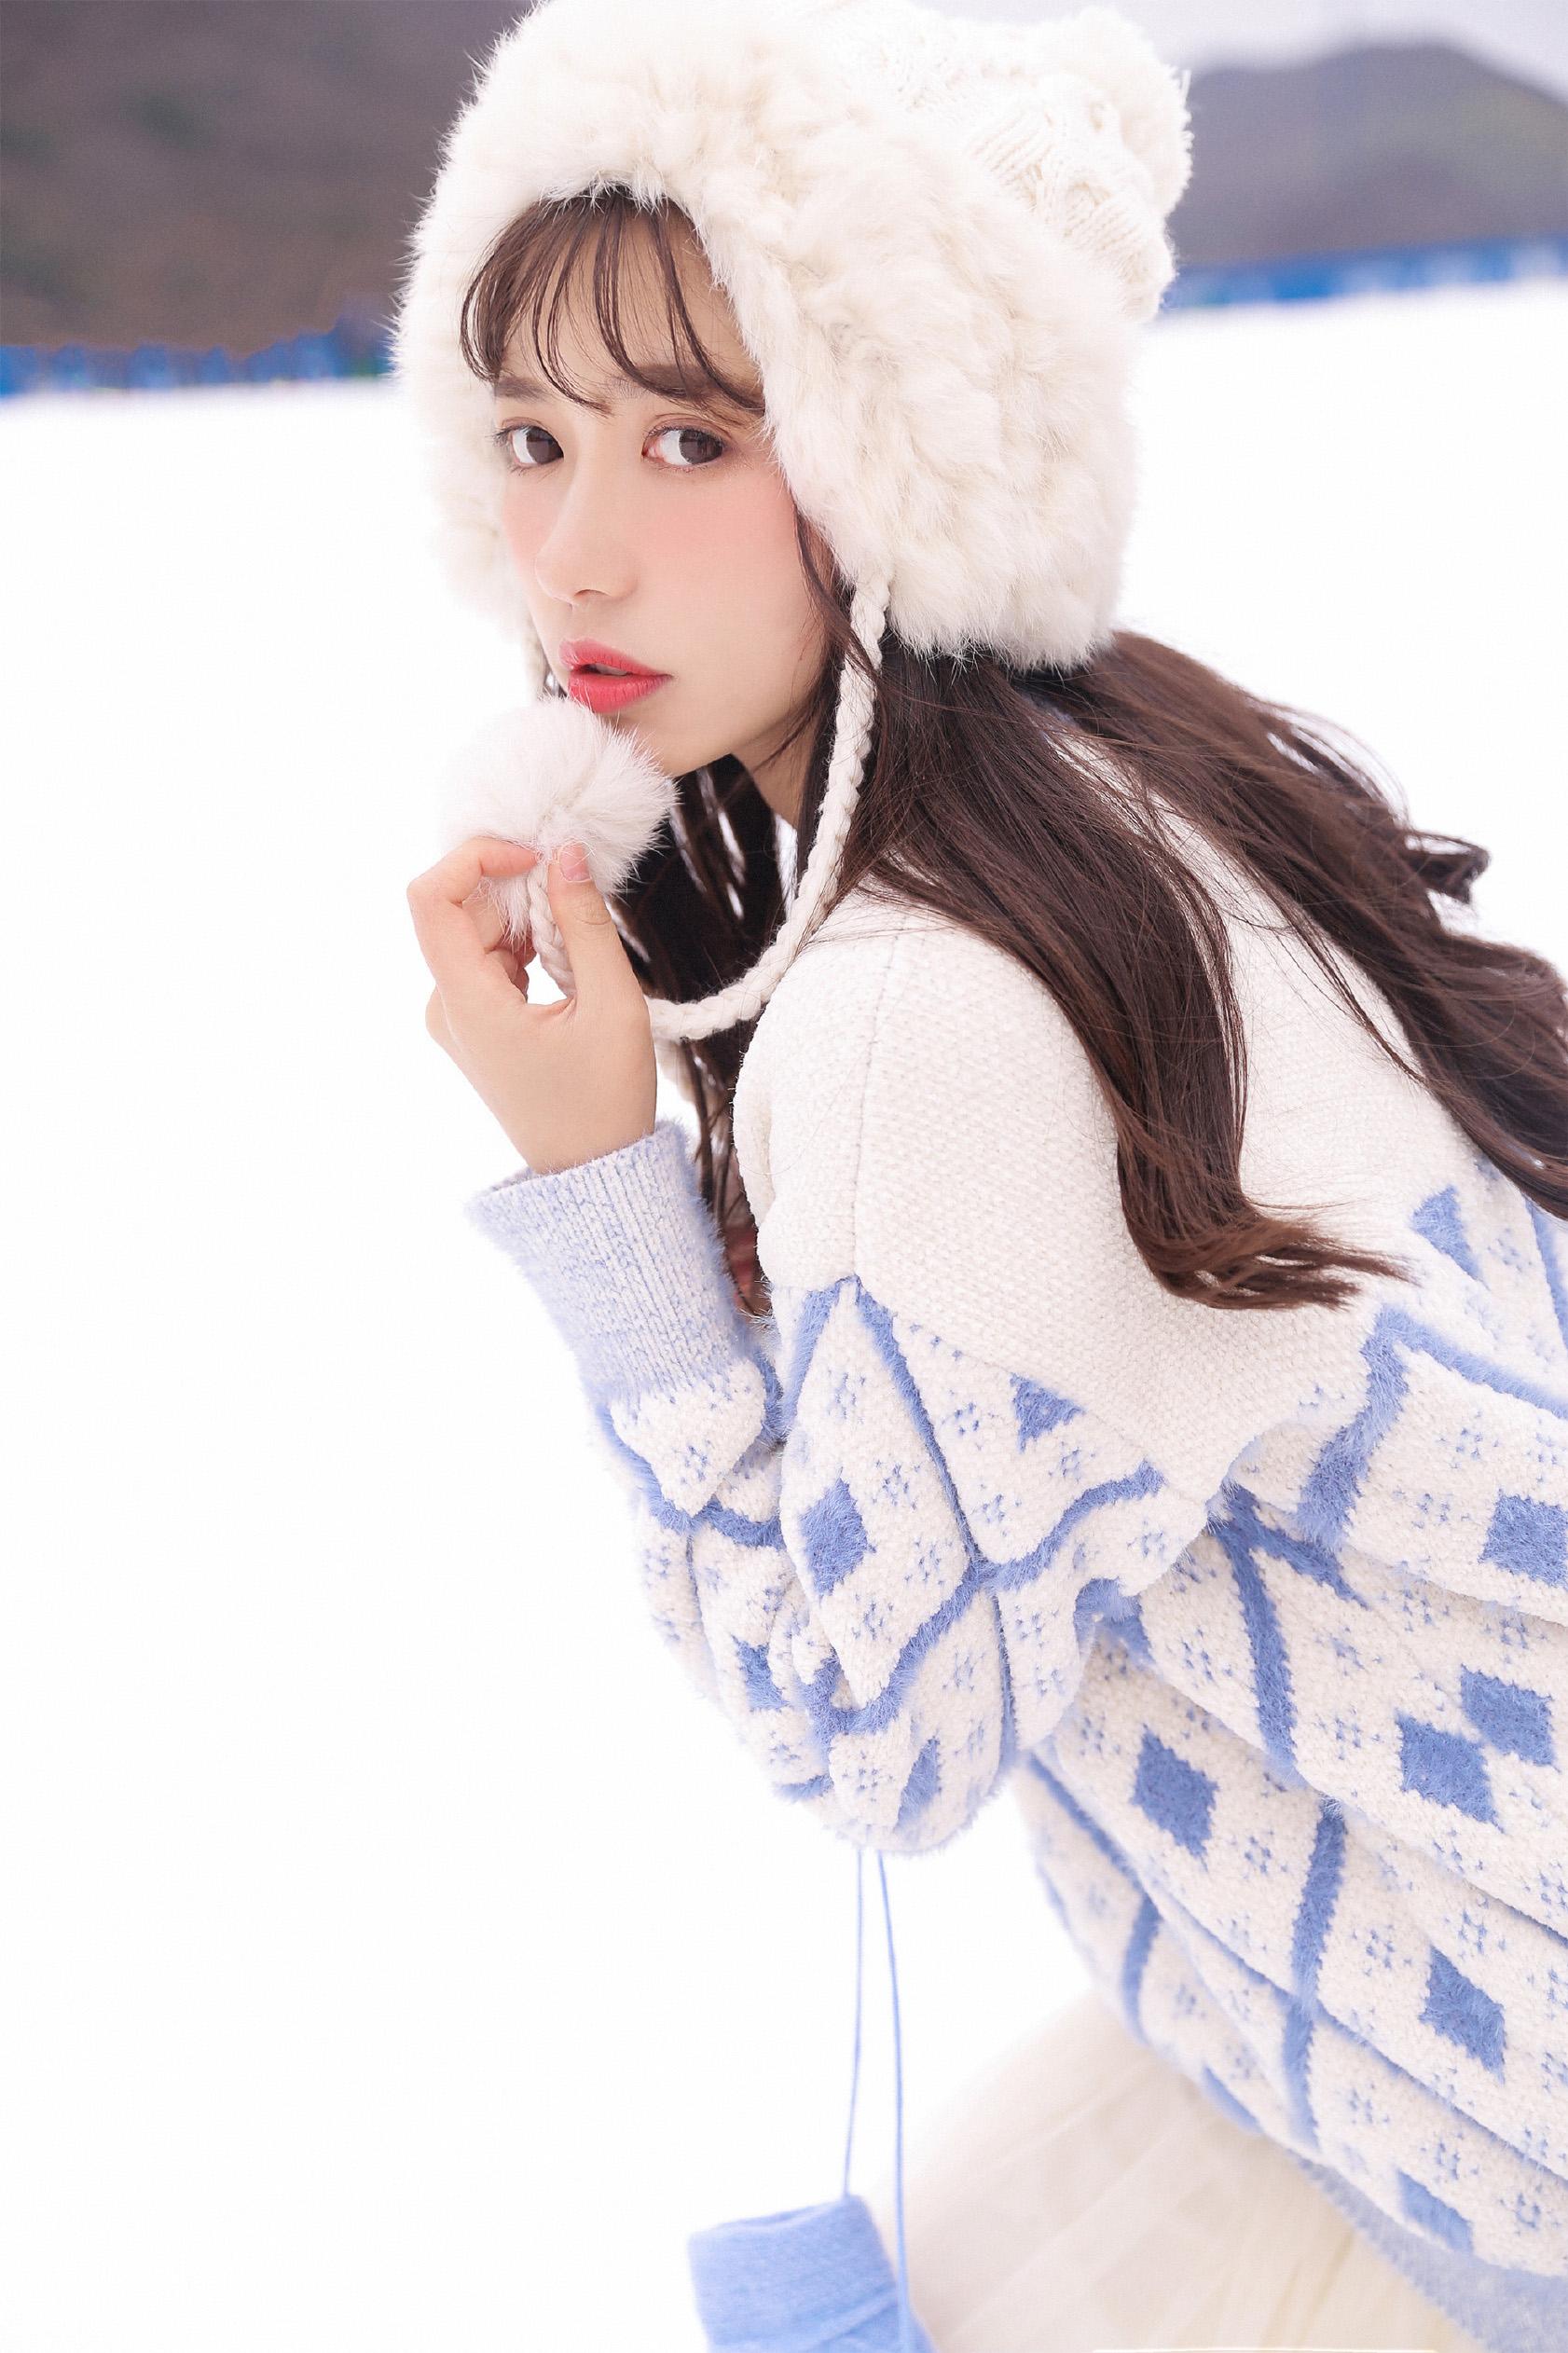 这个冬天 想和你一起去看雪